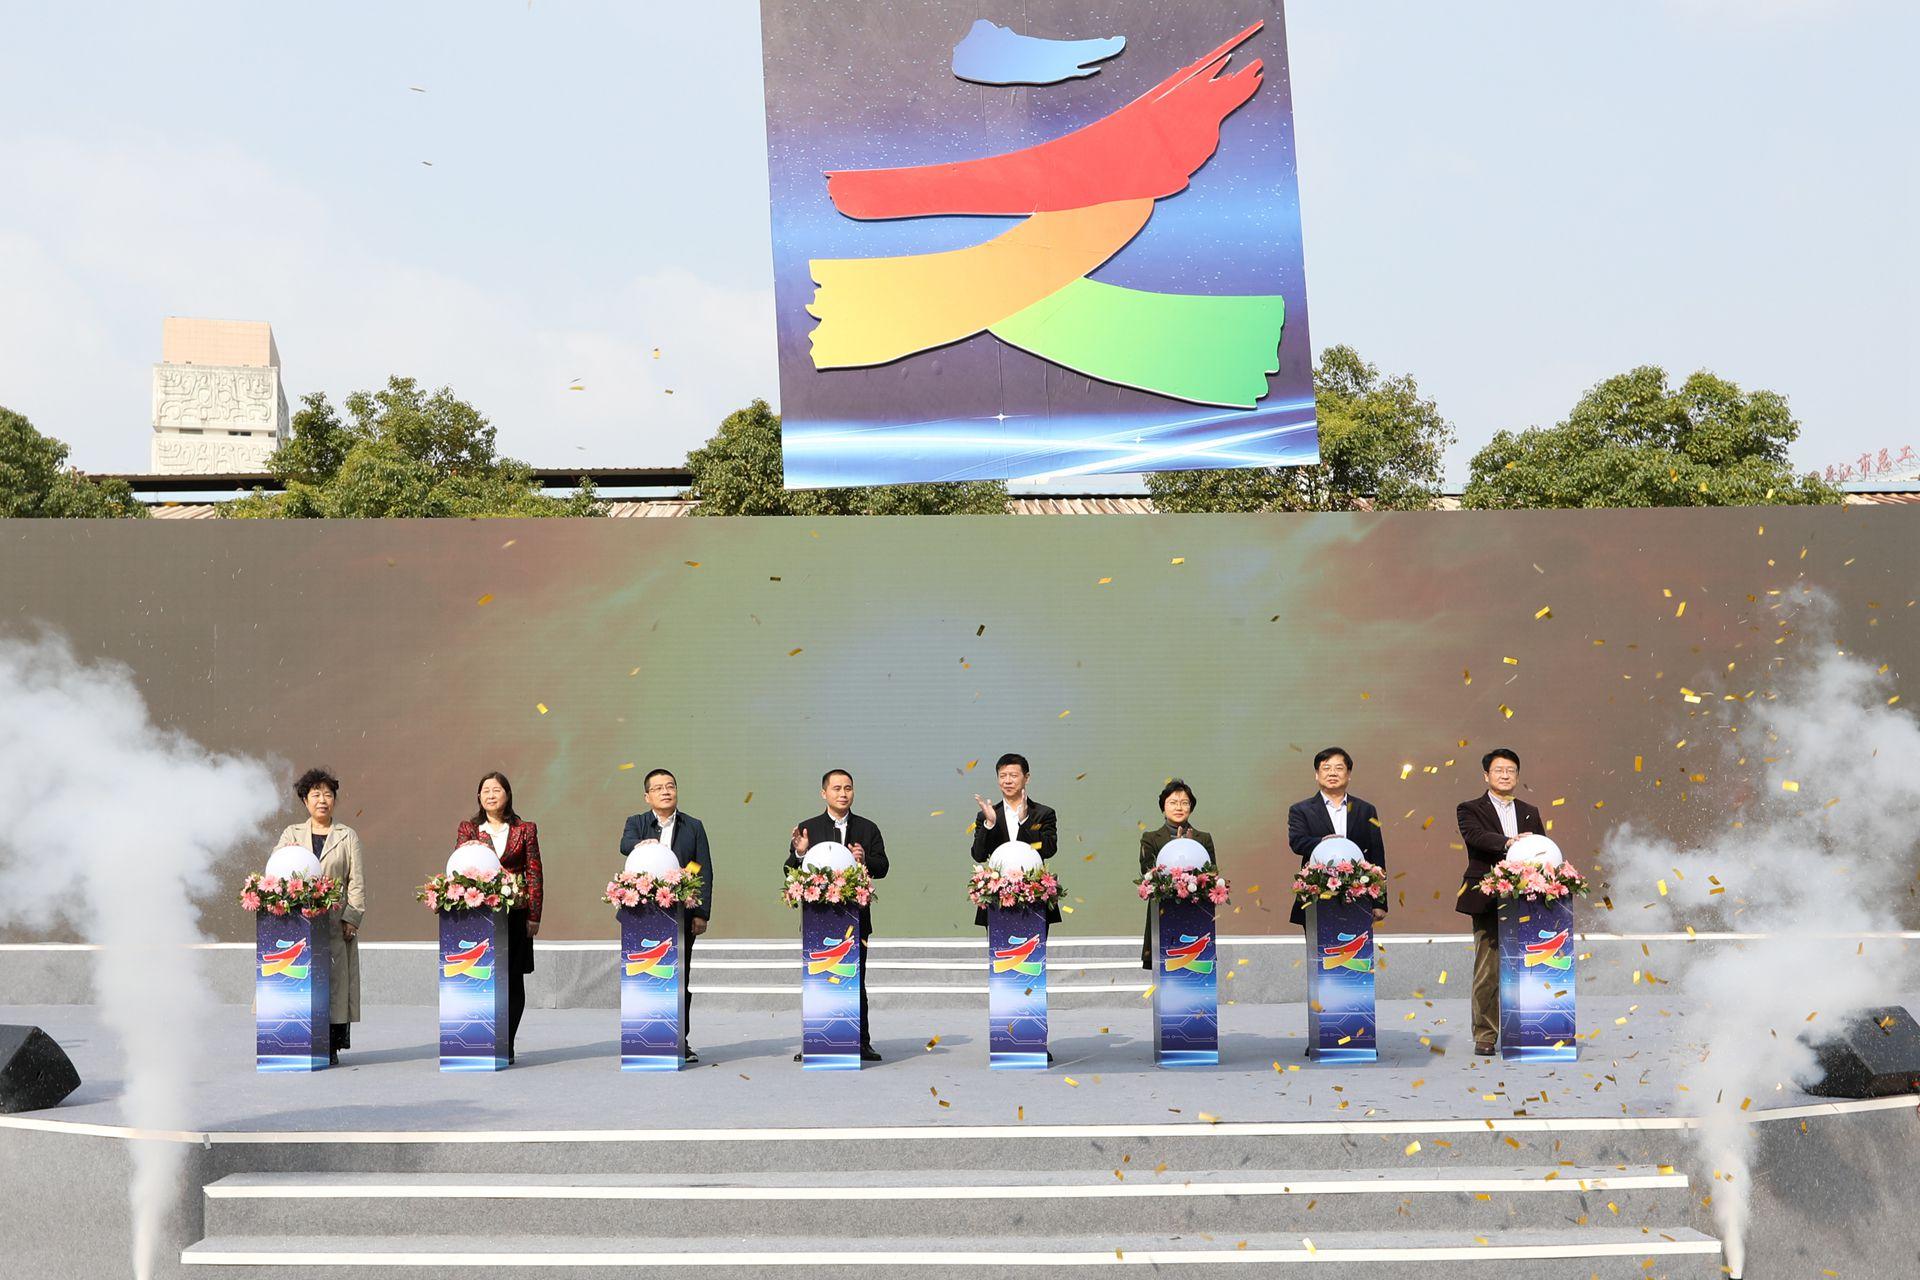 2017年晋江市文化产业周启动仪式